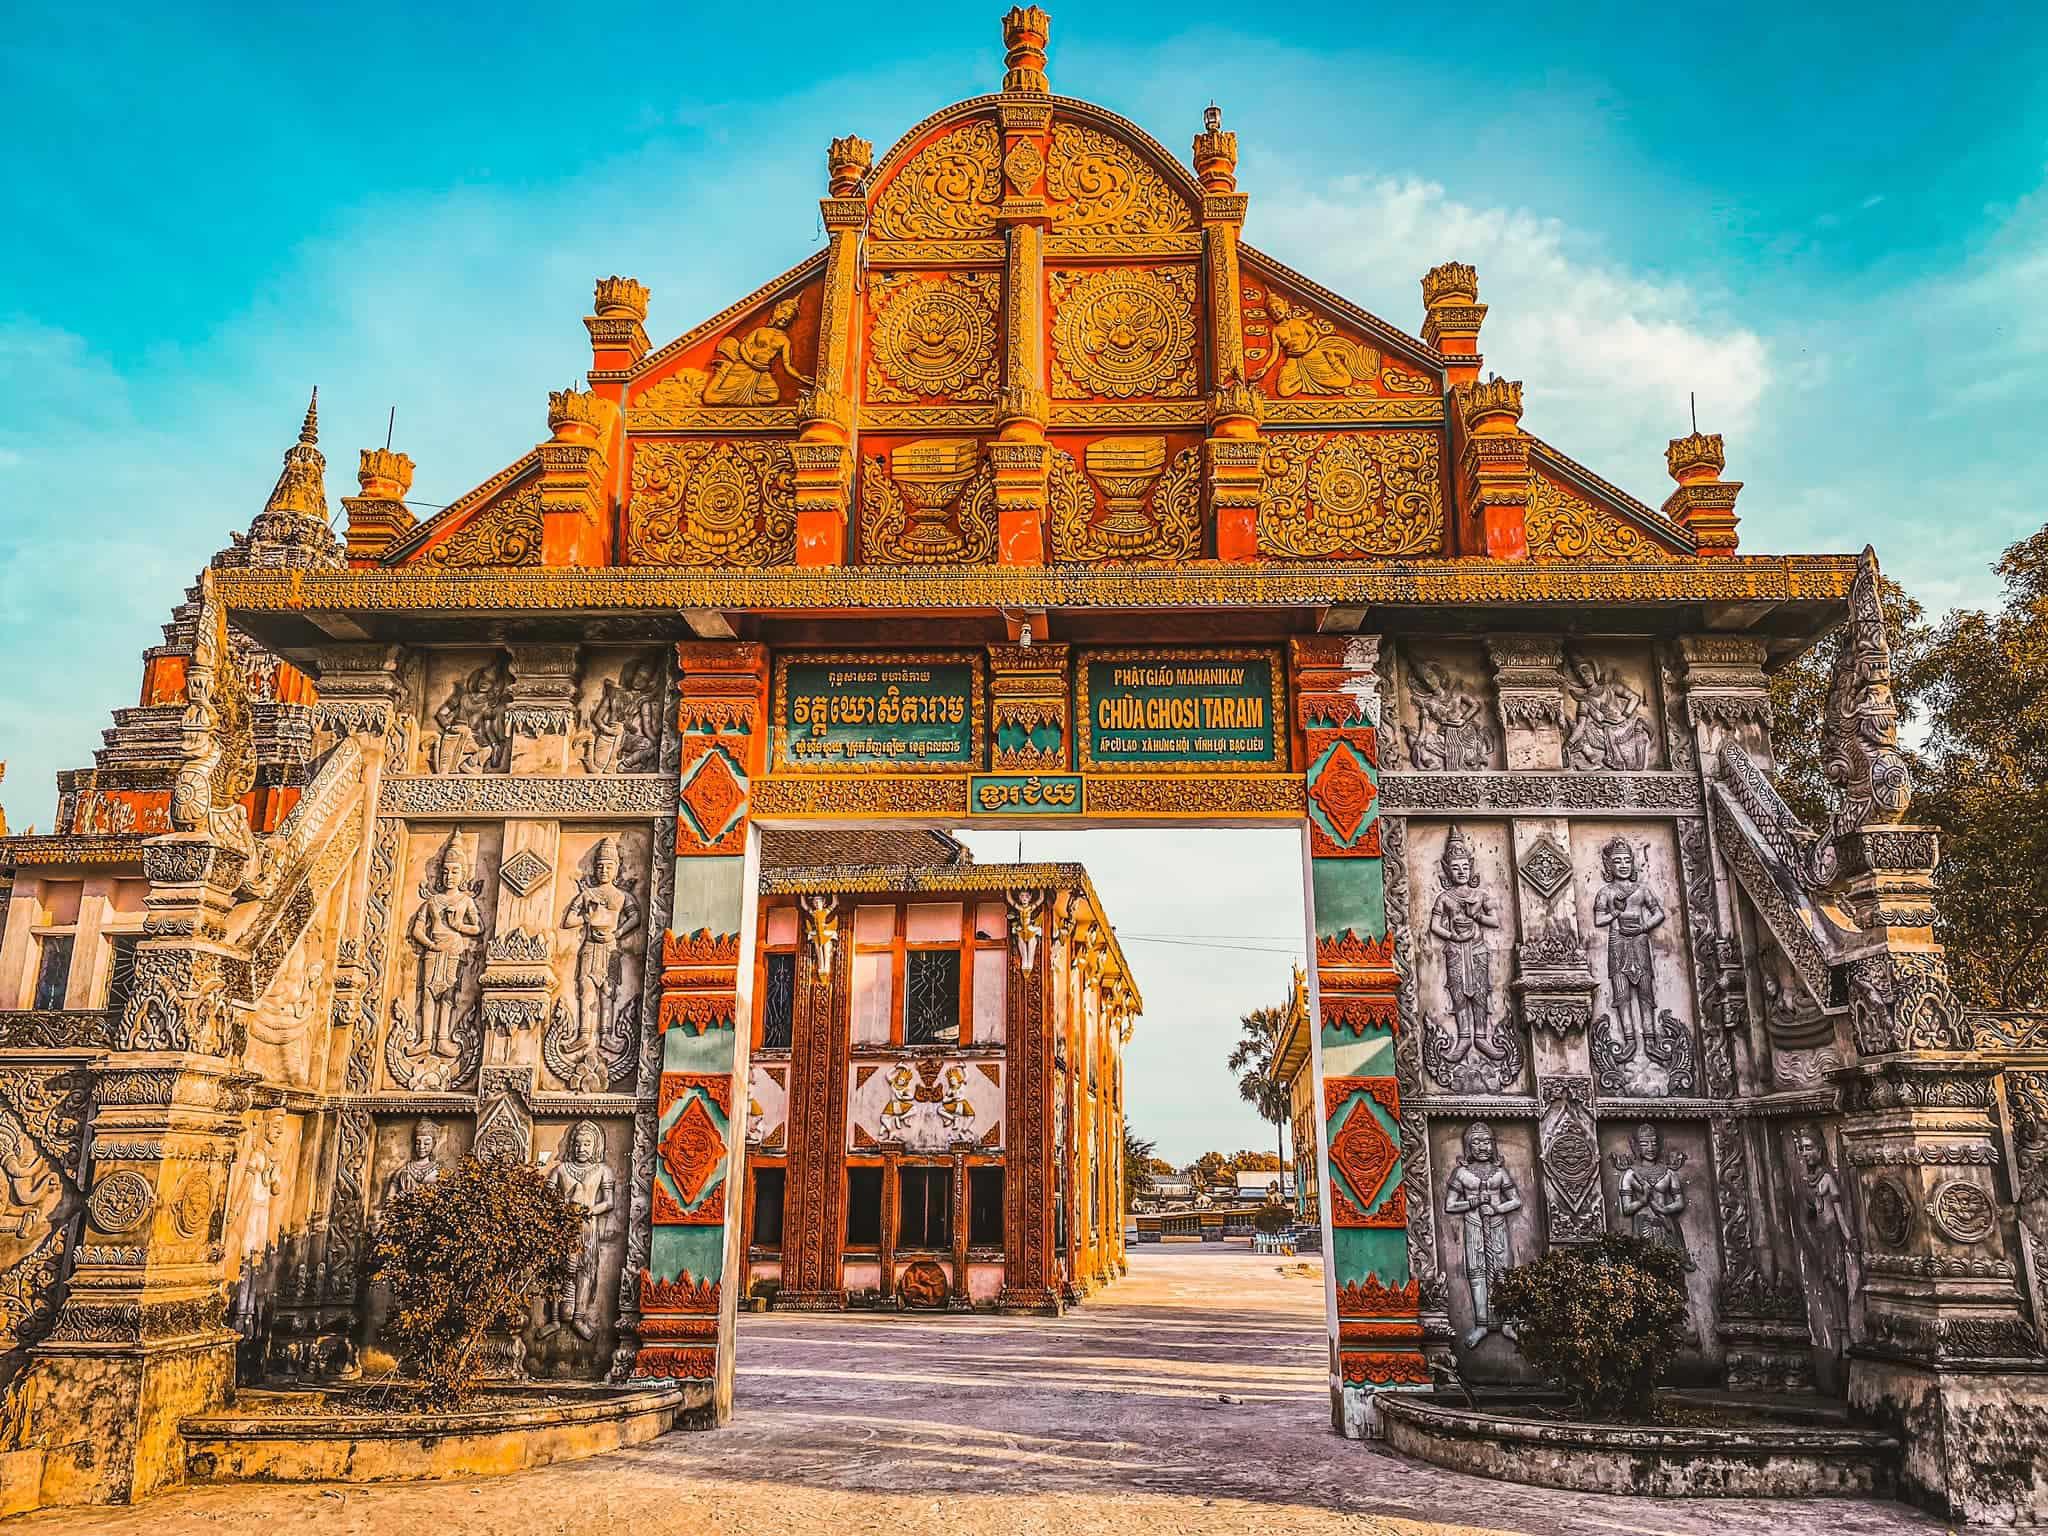 Về xứ Bạc Liêu ghé thăm địa điểm du lịch tâm linh thiêng liêng